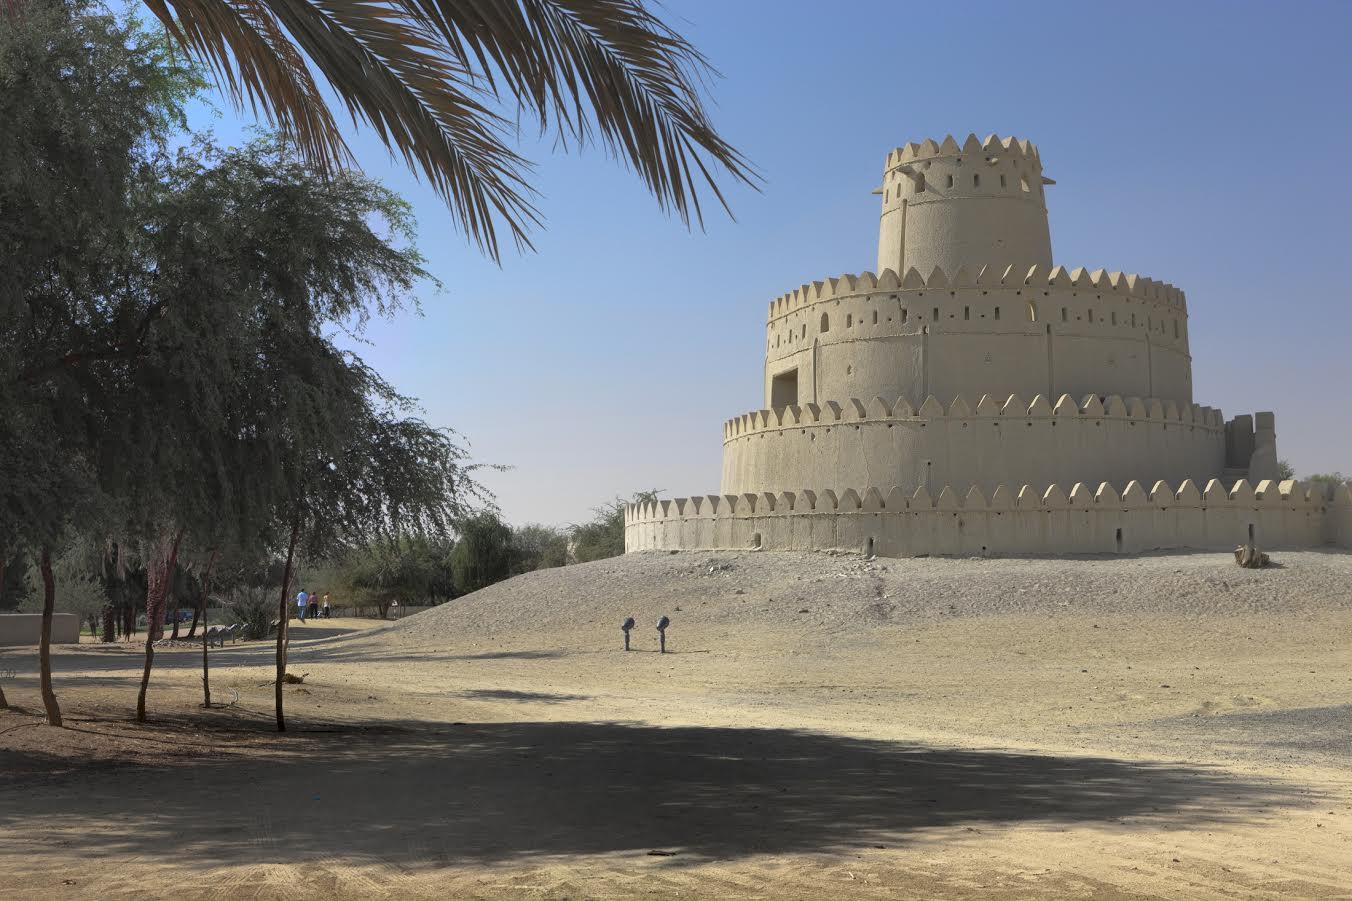 الإماراتيون يحتفون بإرث الأجداد في قلعة الجاهلي بالعين